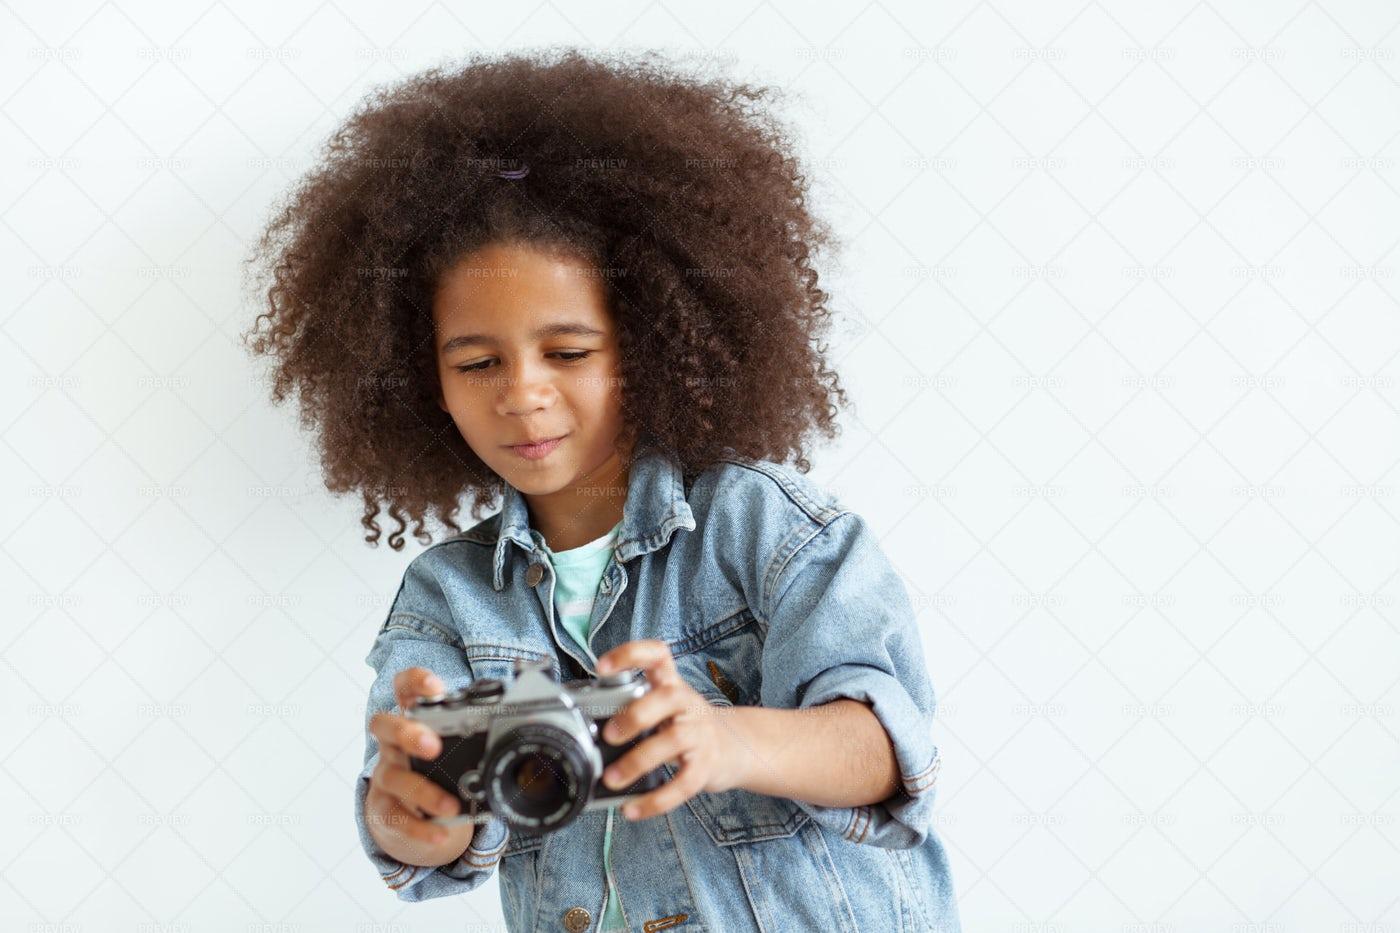 Girl With A Retro Camera: Stock Photos